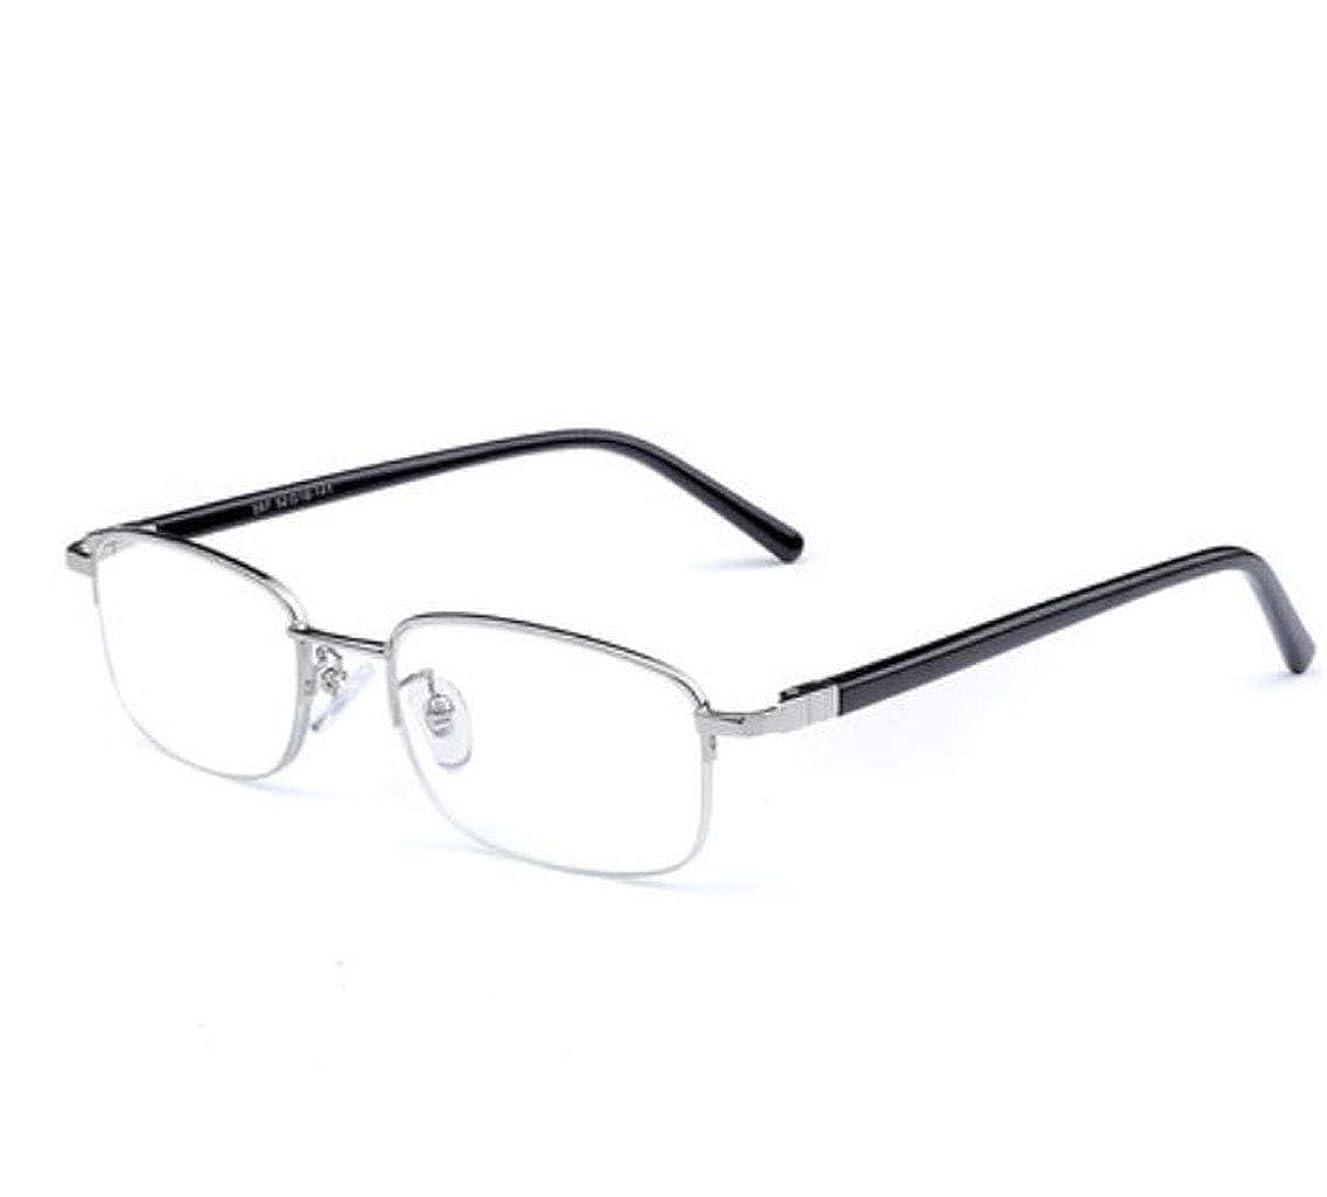 エンターテインメント発生器歴史ブルーレイ読書用眼鏡男性HD半フレーム快適なビジネス読書眼鏡ギフト眼鏡エレガントで快適な古い光の鏡 (Color : Silver, Size : +1.50)